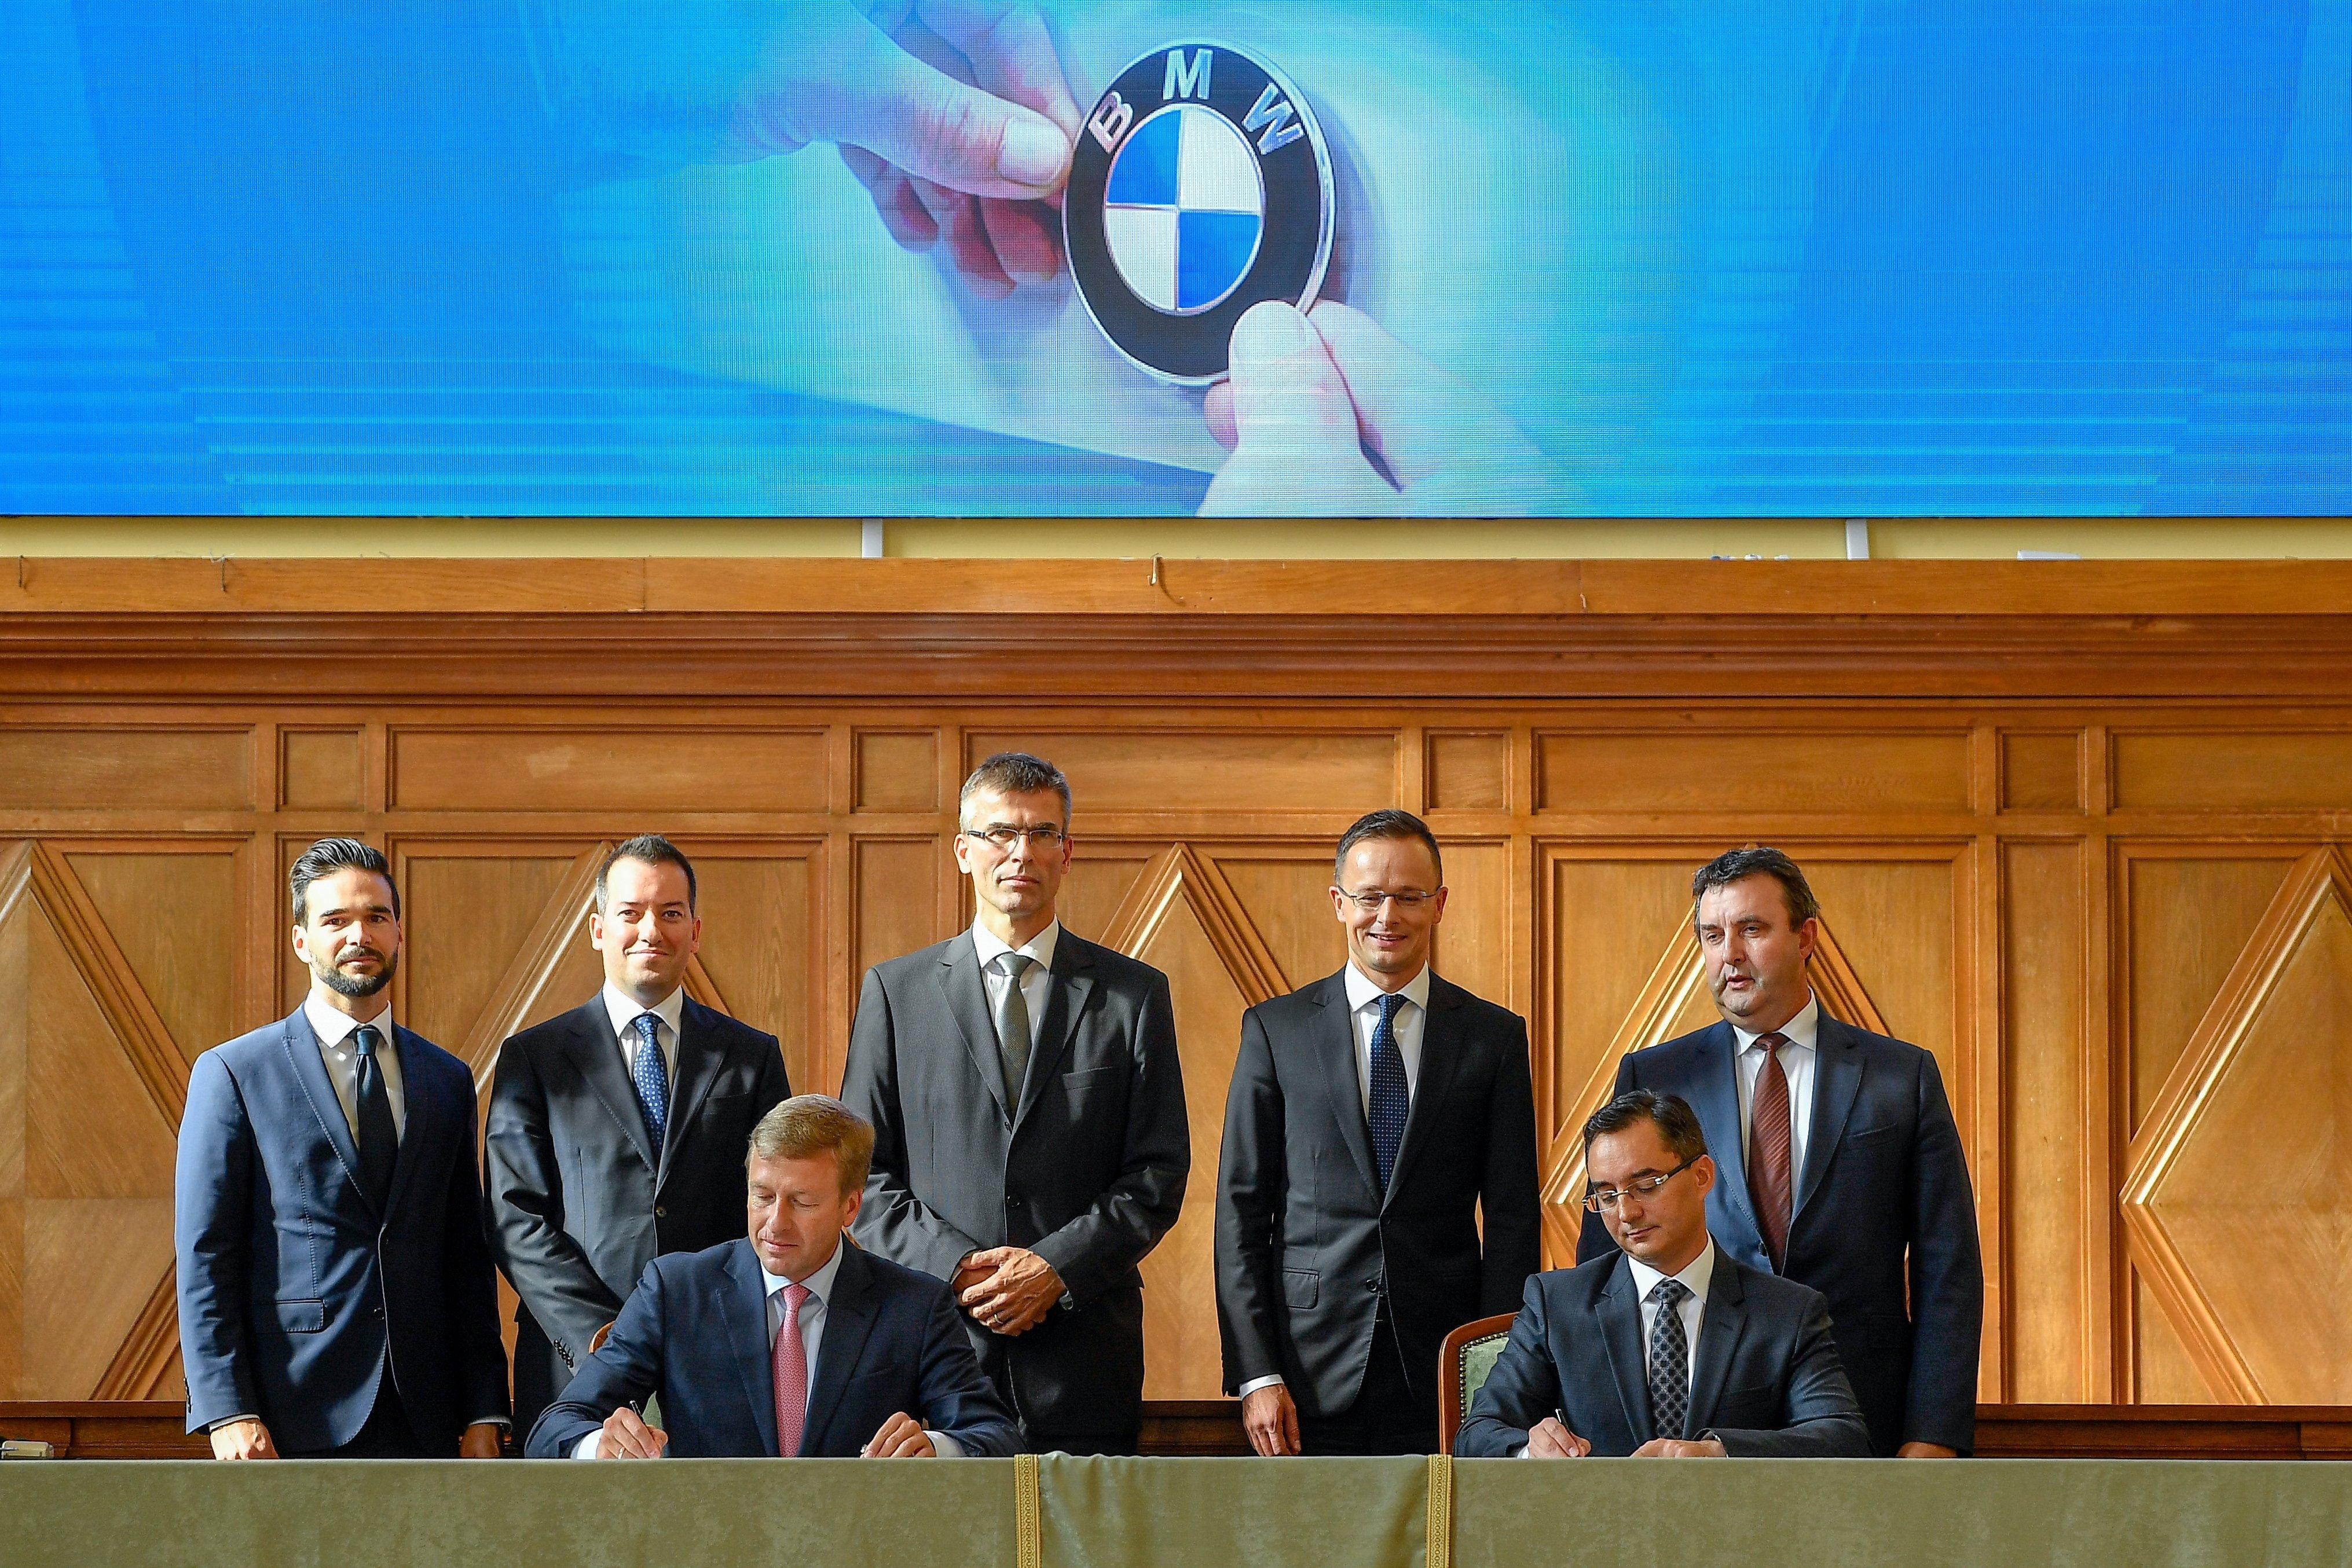 Módosítani kell a debreceni BMW-gyárnál vállalt határidők jó részét